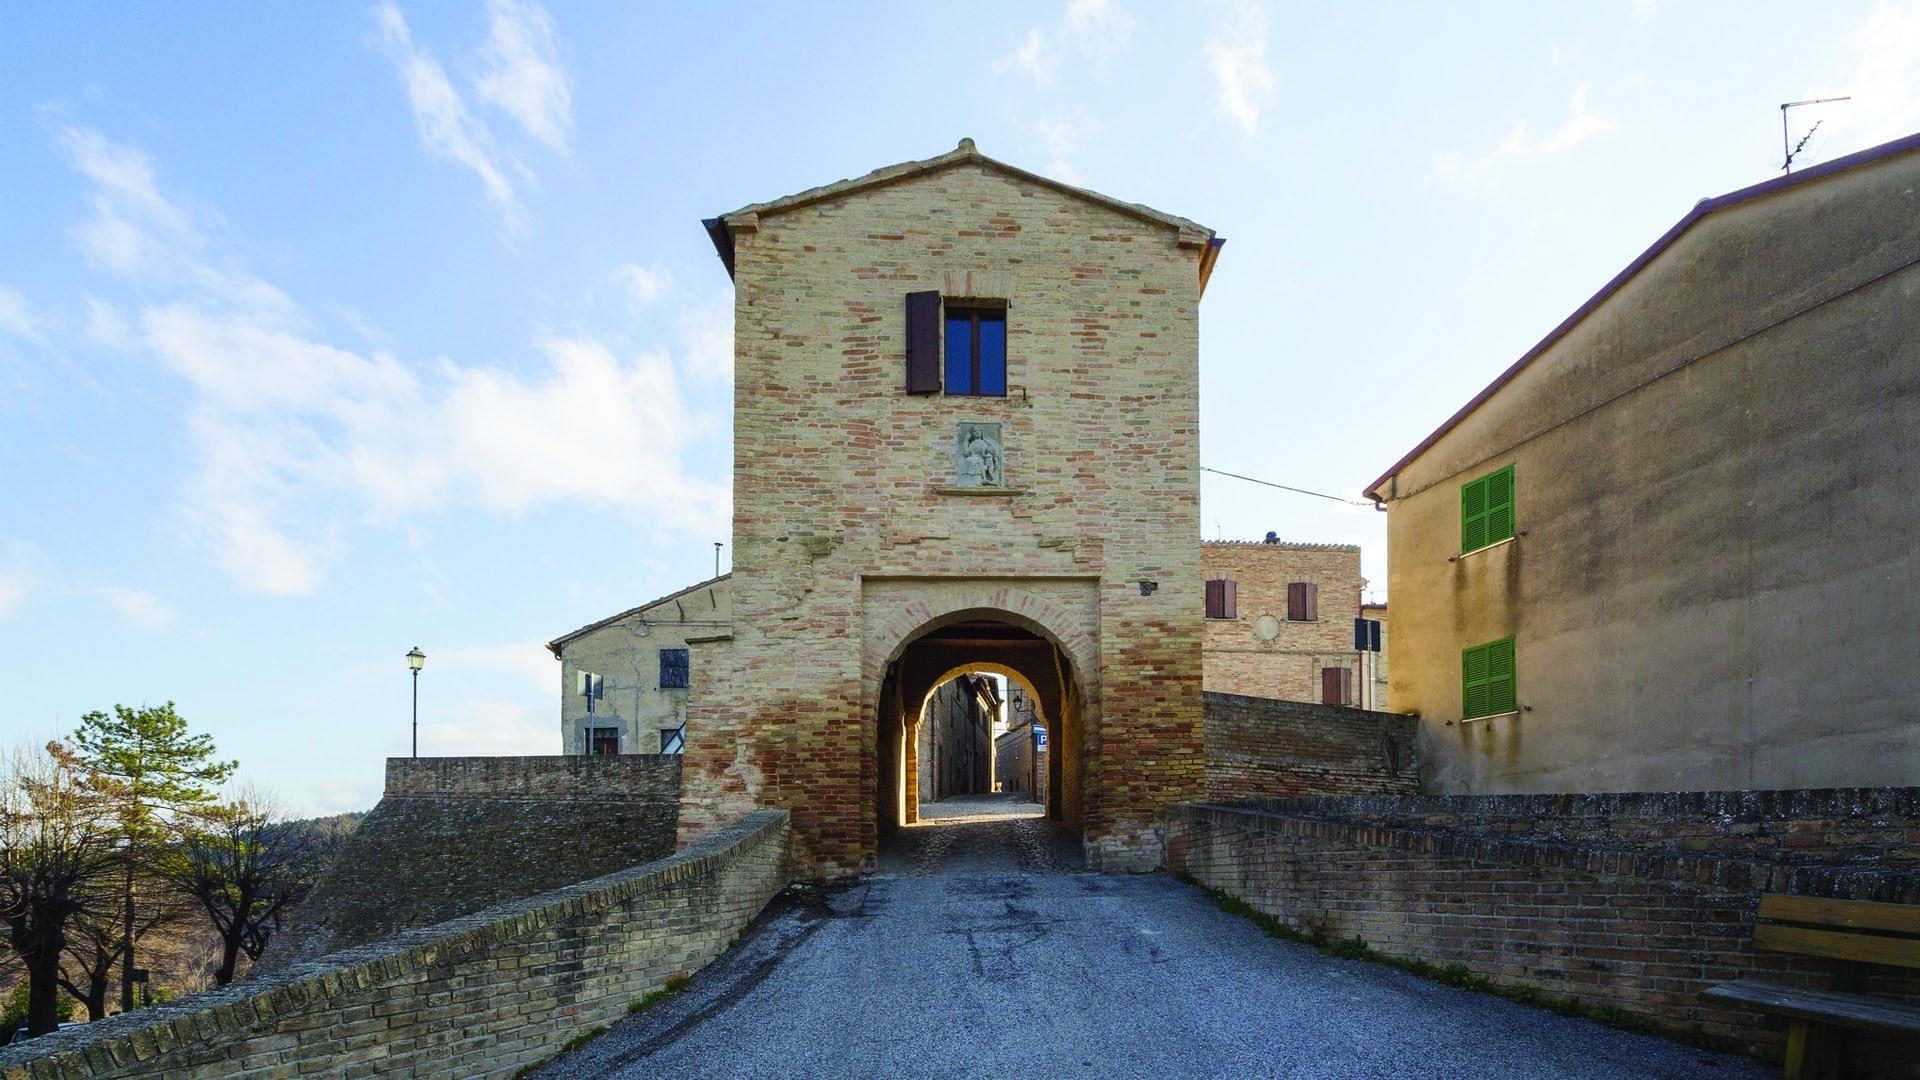 La porta d'ingresso al Castello, foto di Daniele Marzocchi